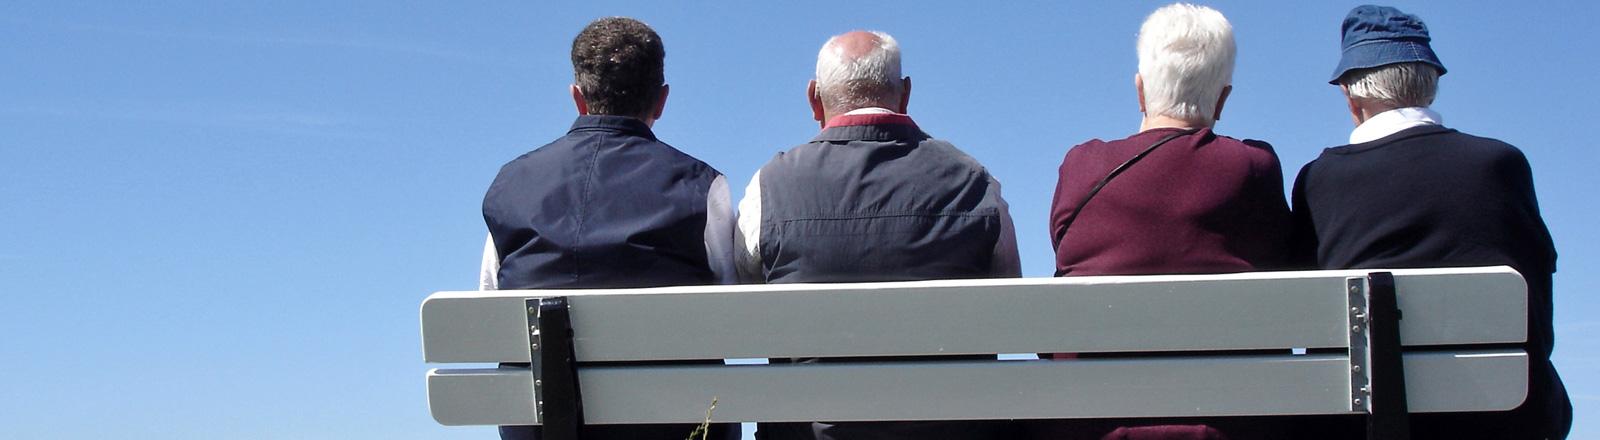 Vier Männer und Frauen sitzen auf einer Bank, sie haben teils graue Haare. Sie sind von hinten zu sehen.